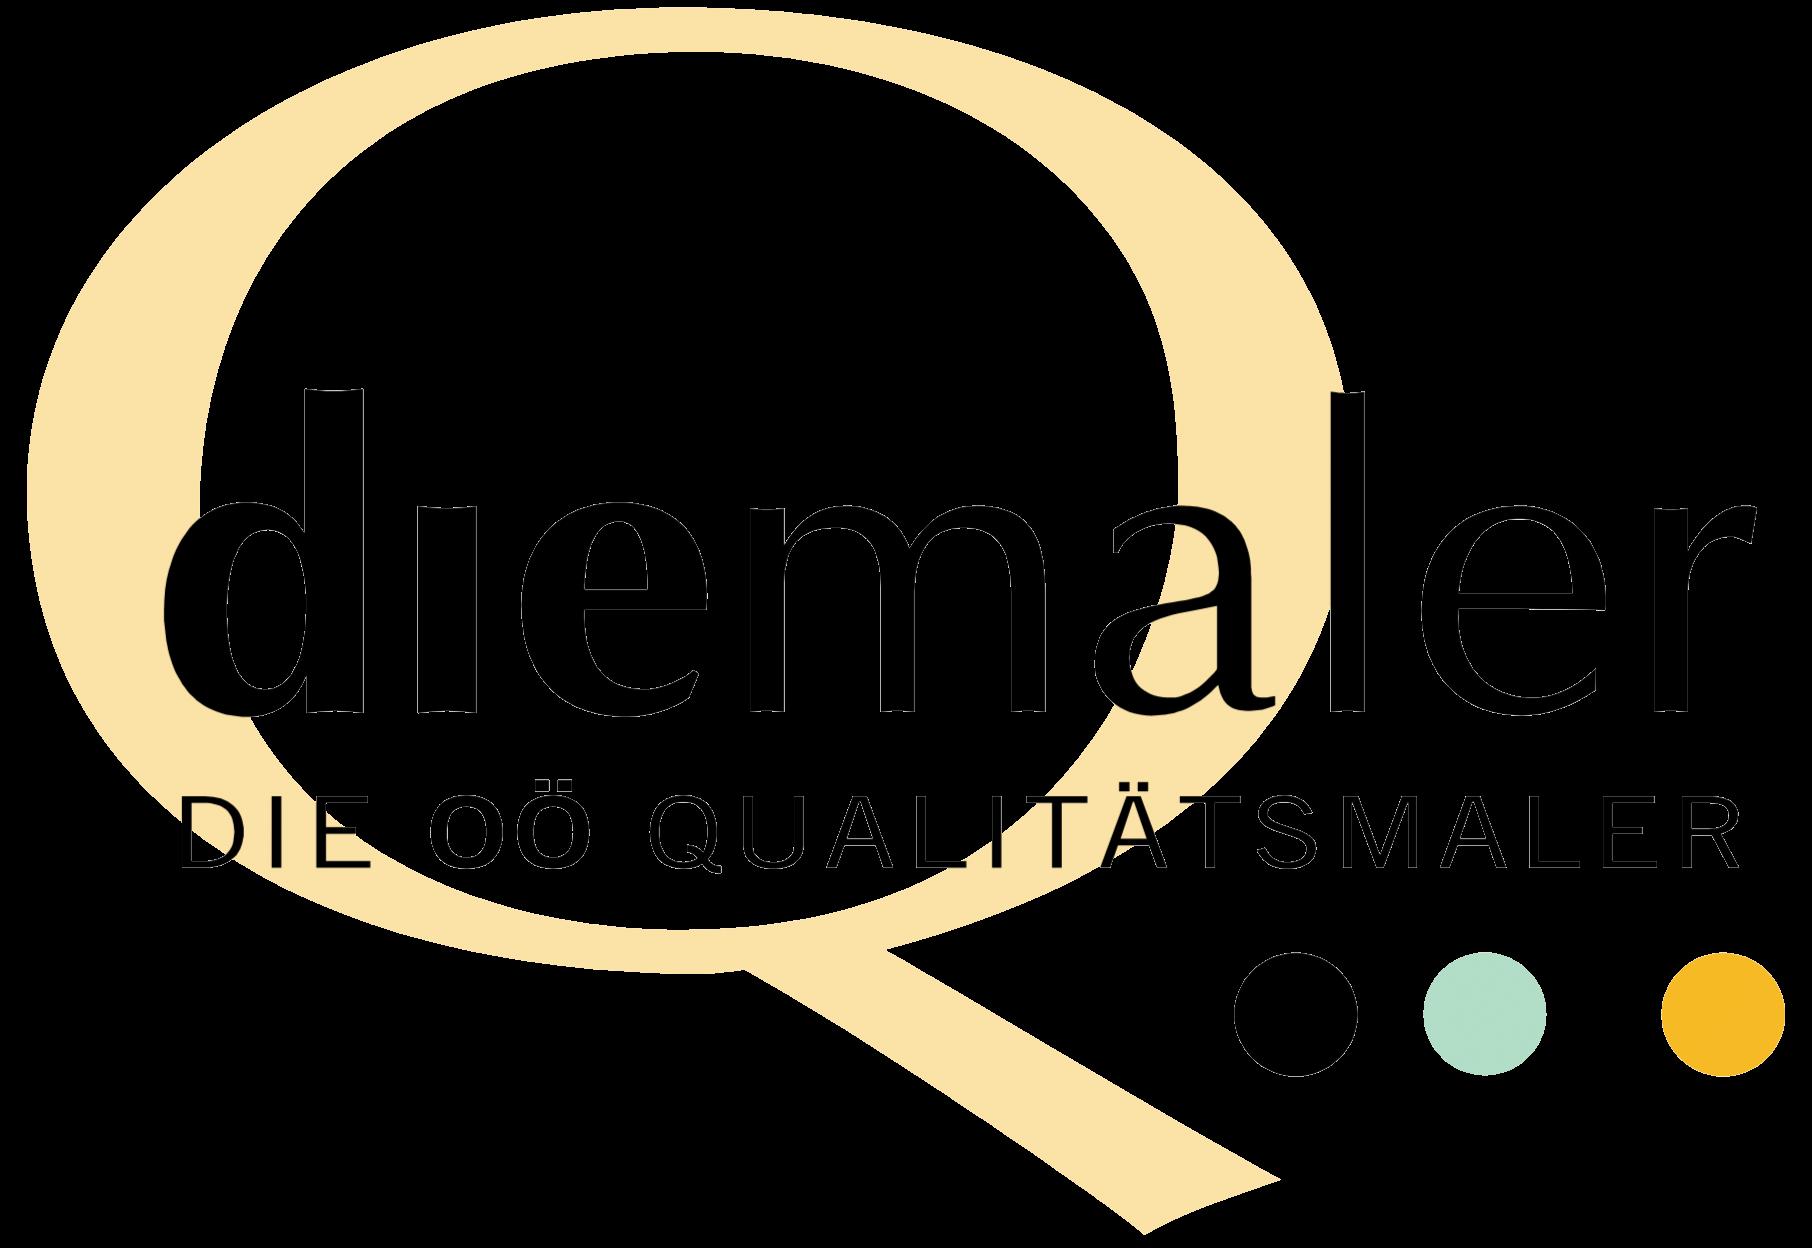 OÖ Qualitätsmaler - Die Maler in Oberösterreich | Sie als Kunde sind König! Daher ist ein hohes Maß an Ausführungsqualität sowie ein großes Sortiment der neuesten Produkte für uns ebenso selbstverständlich wie Flexibilität, Umweltschutz, Zuverlässigkeit und Termintreue.